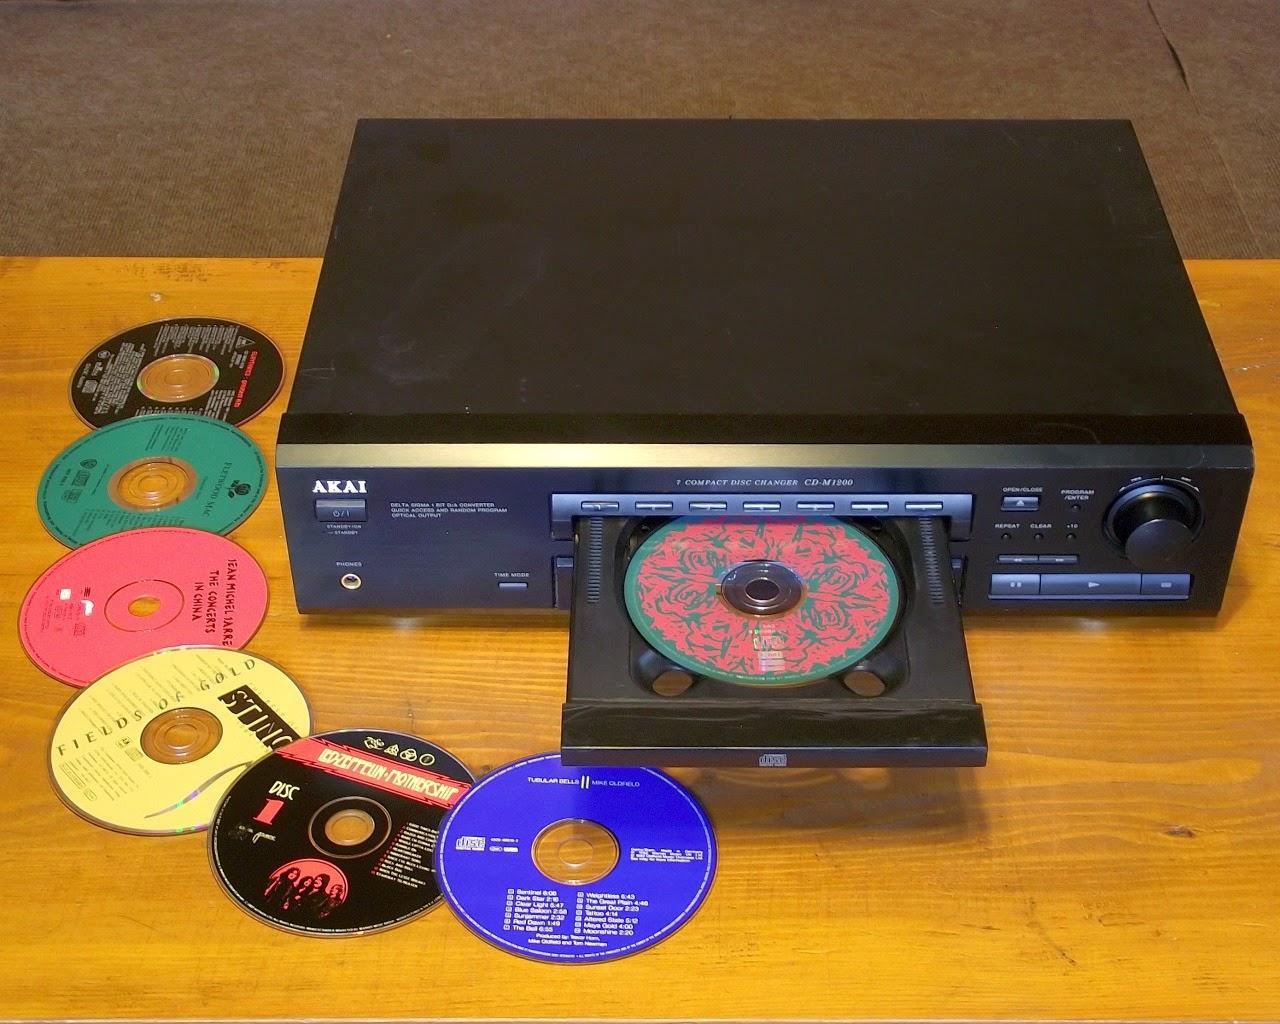 AKAI CD-M1200